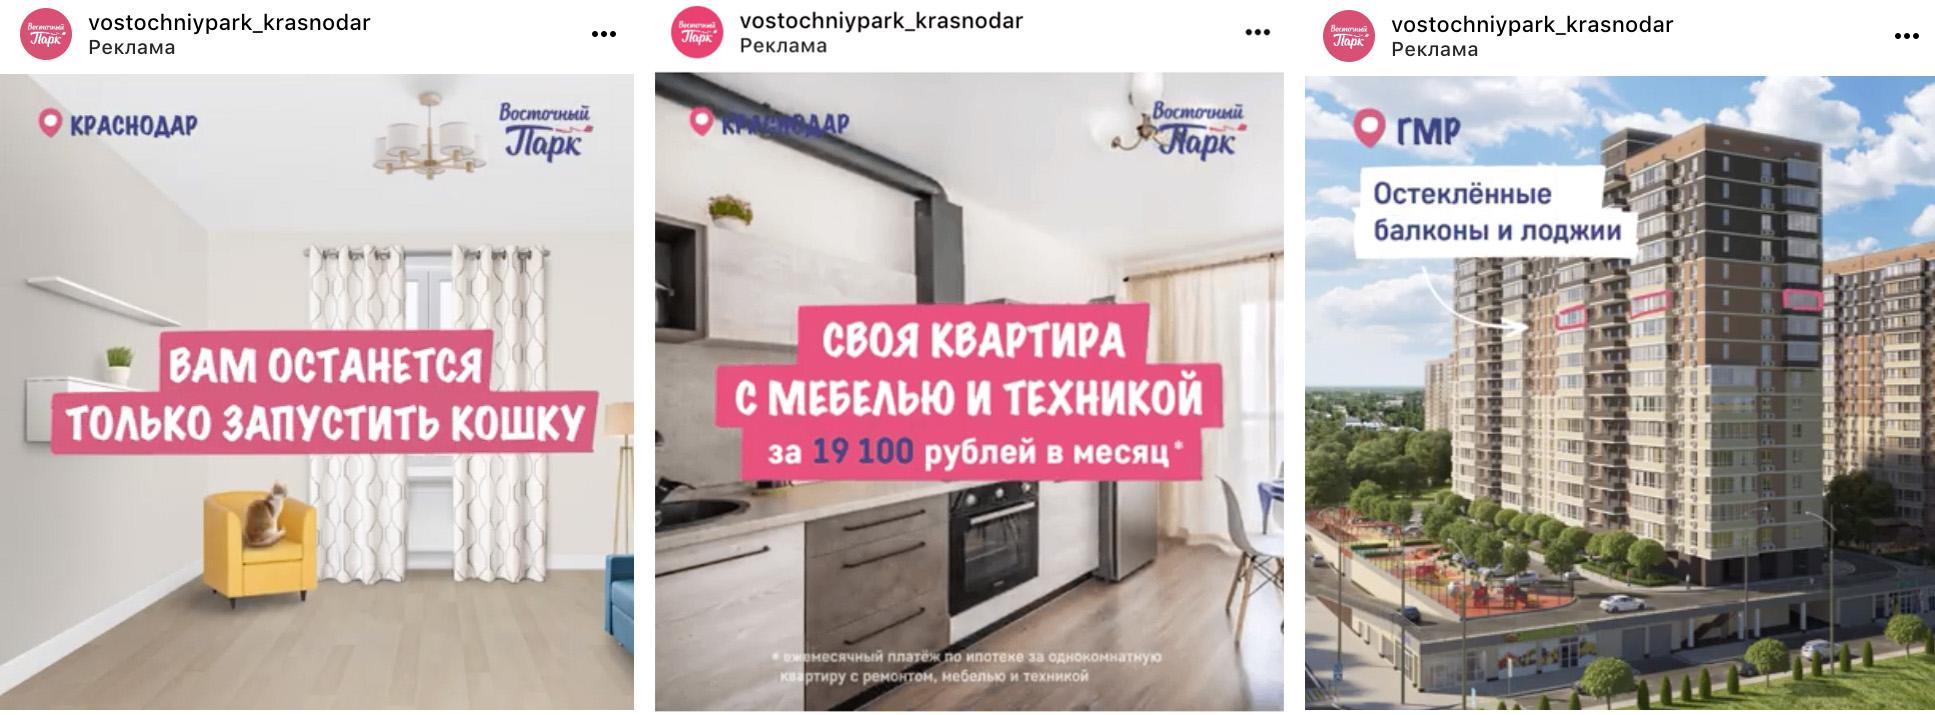 Как провести рекламную кампанию Рекламную кампанию вели во ВКонтакте, Фейсбуке и Инстаграме для объектов недвижиомсти